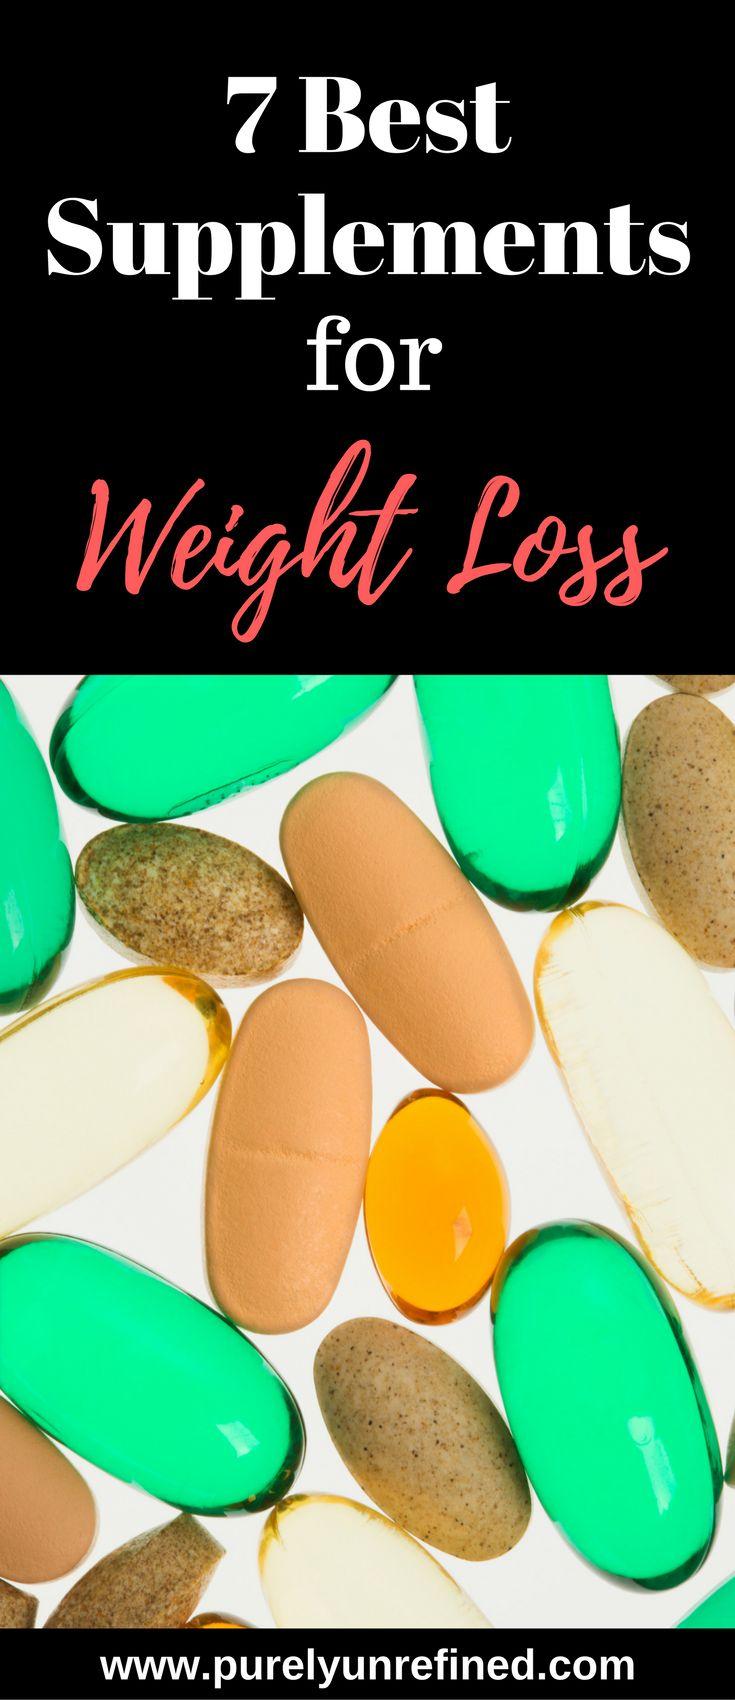 rifinah pills to lose weight